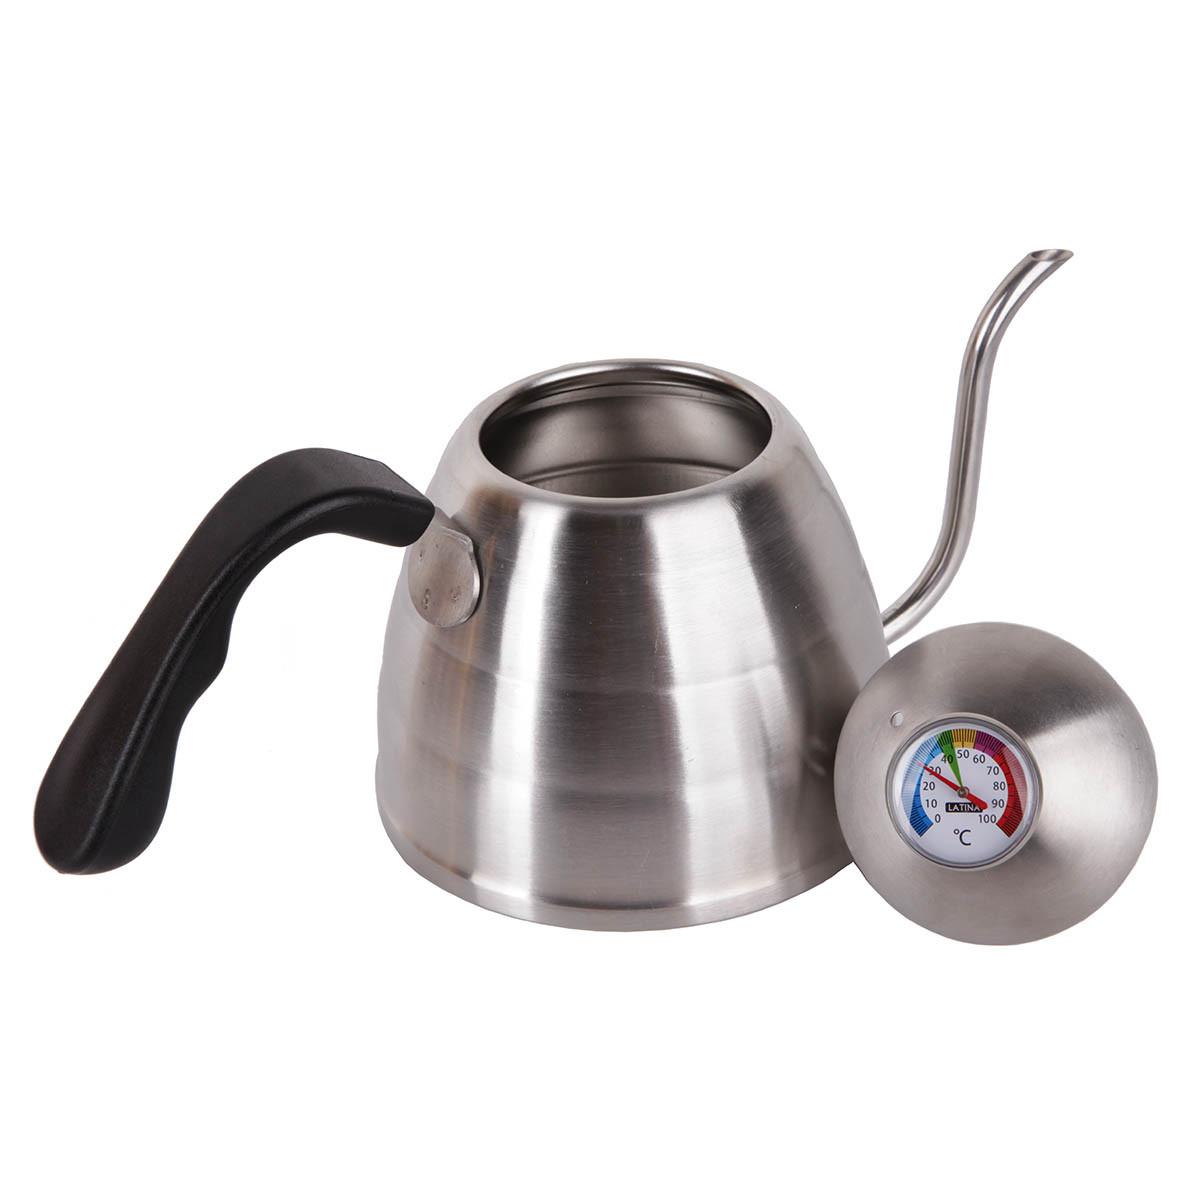 Honai kettle